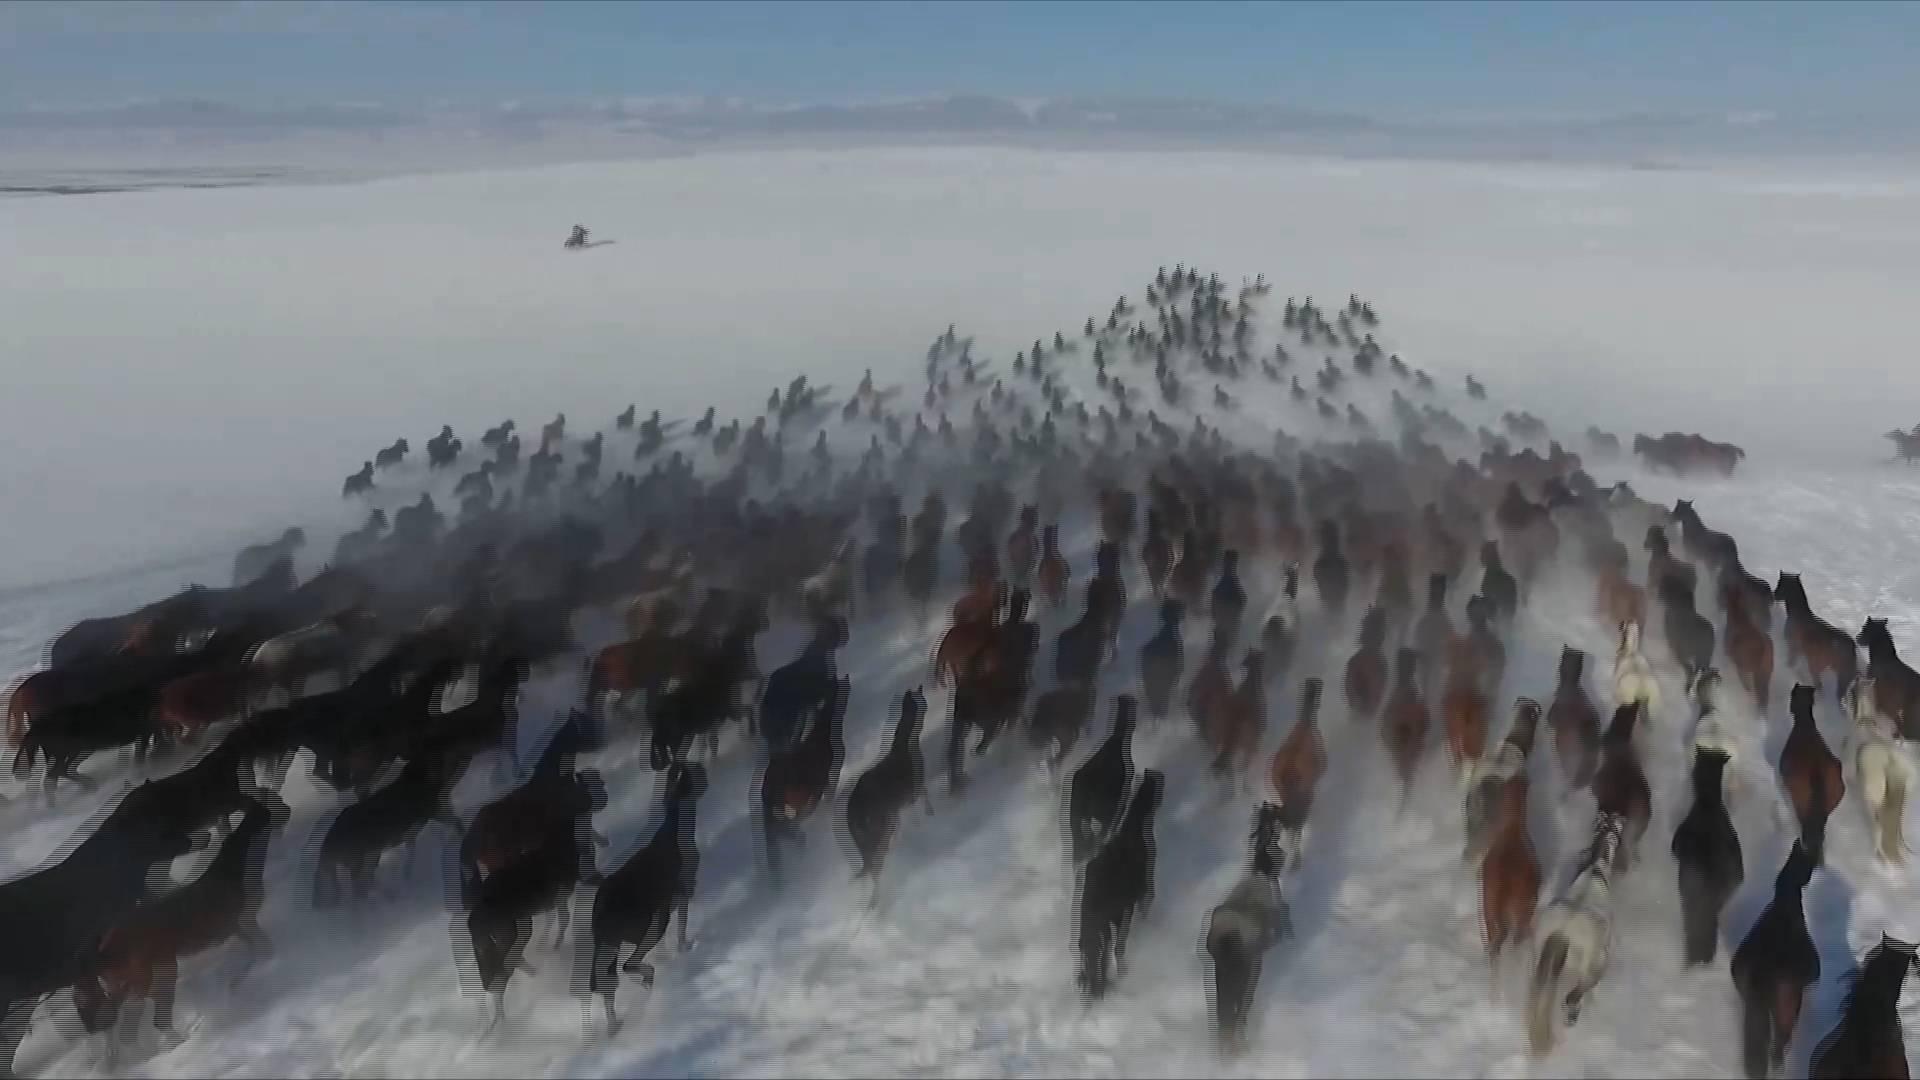 63秒丨馬蹄卷起飛揚雪 新疆昭蘇萬馬奔騰踏雪而來